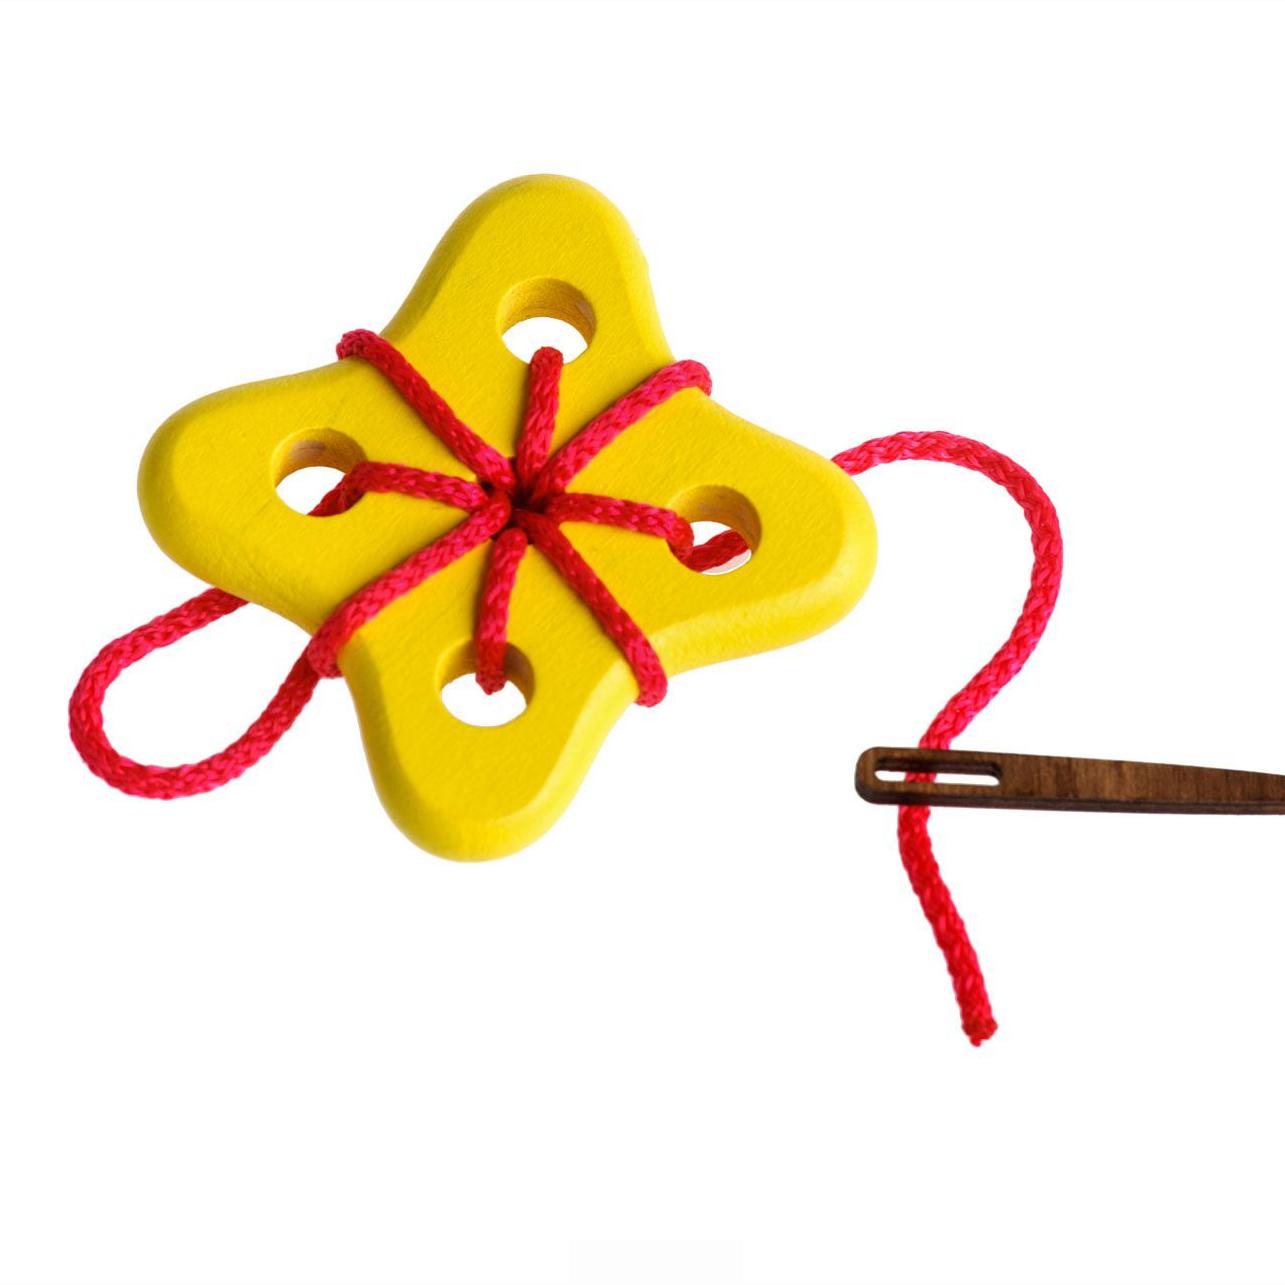 Шнуровка - Цветок 3, 3 деталиШнуровка<br>Шнуровка - Цветок 3, 3 детали<br>